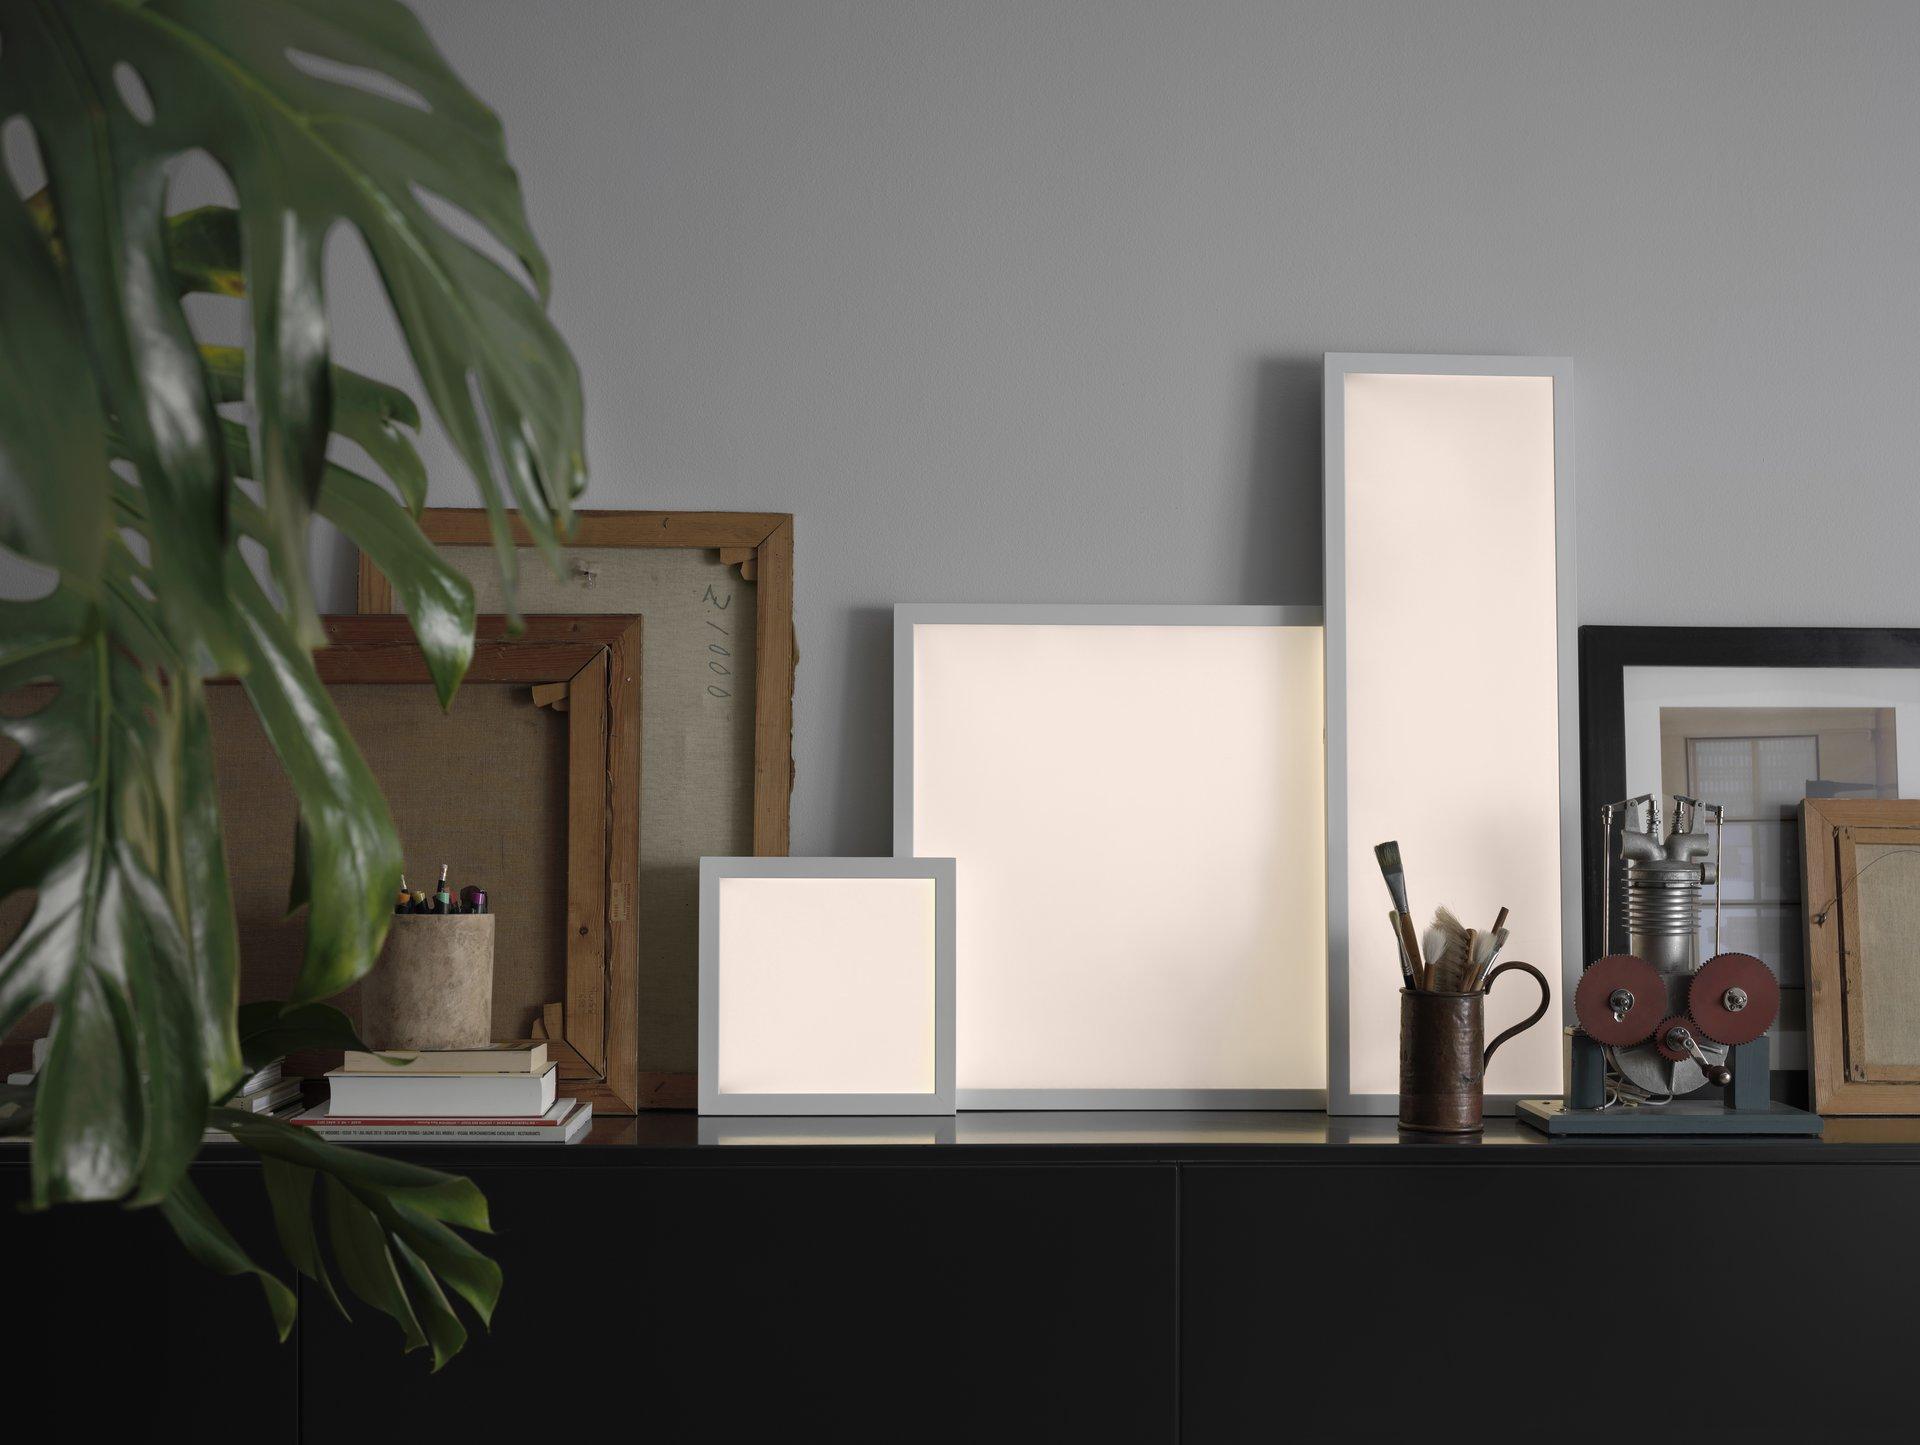 IKEA Smart-Home-Beleuchtung TRÅDFRI kommt jetzt nach ...